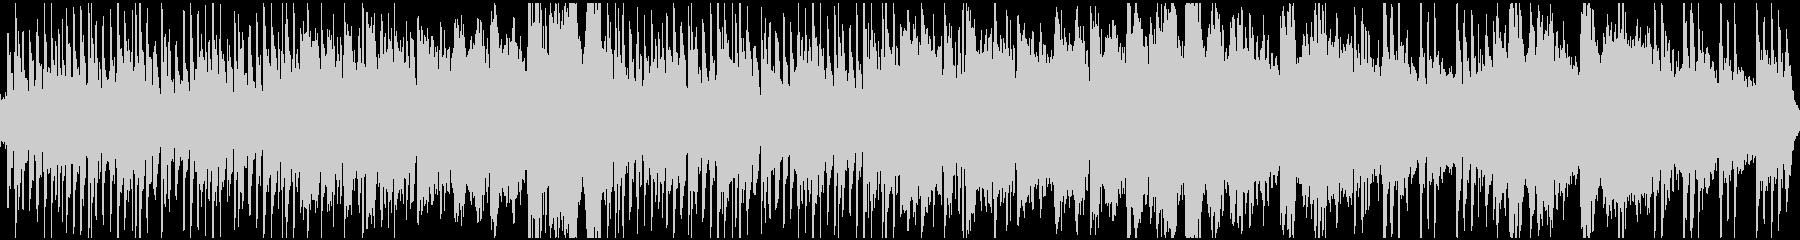 切ないゴシック&メルヘン・ループの未再生の波形